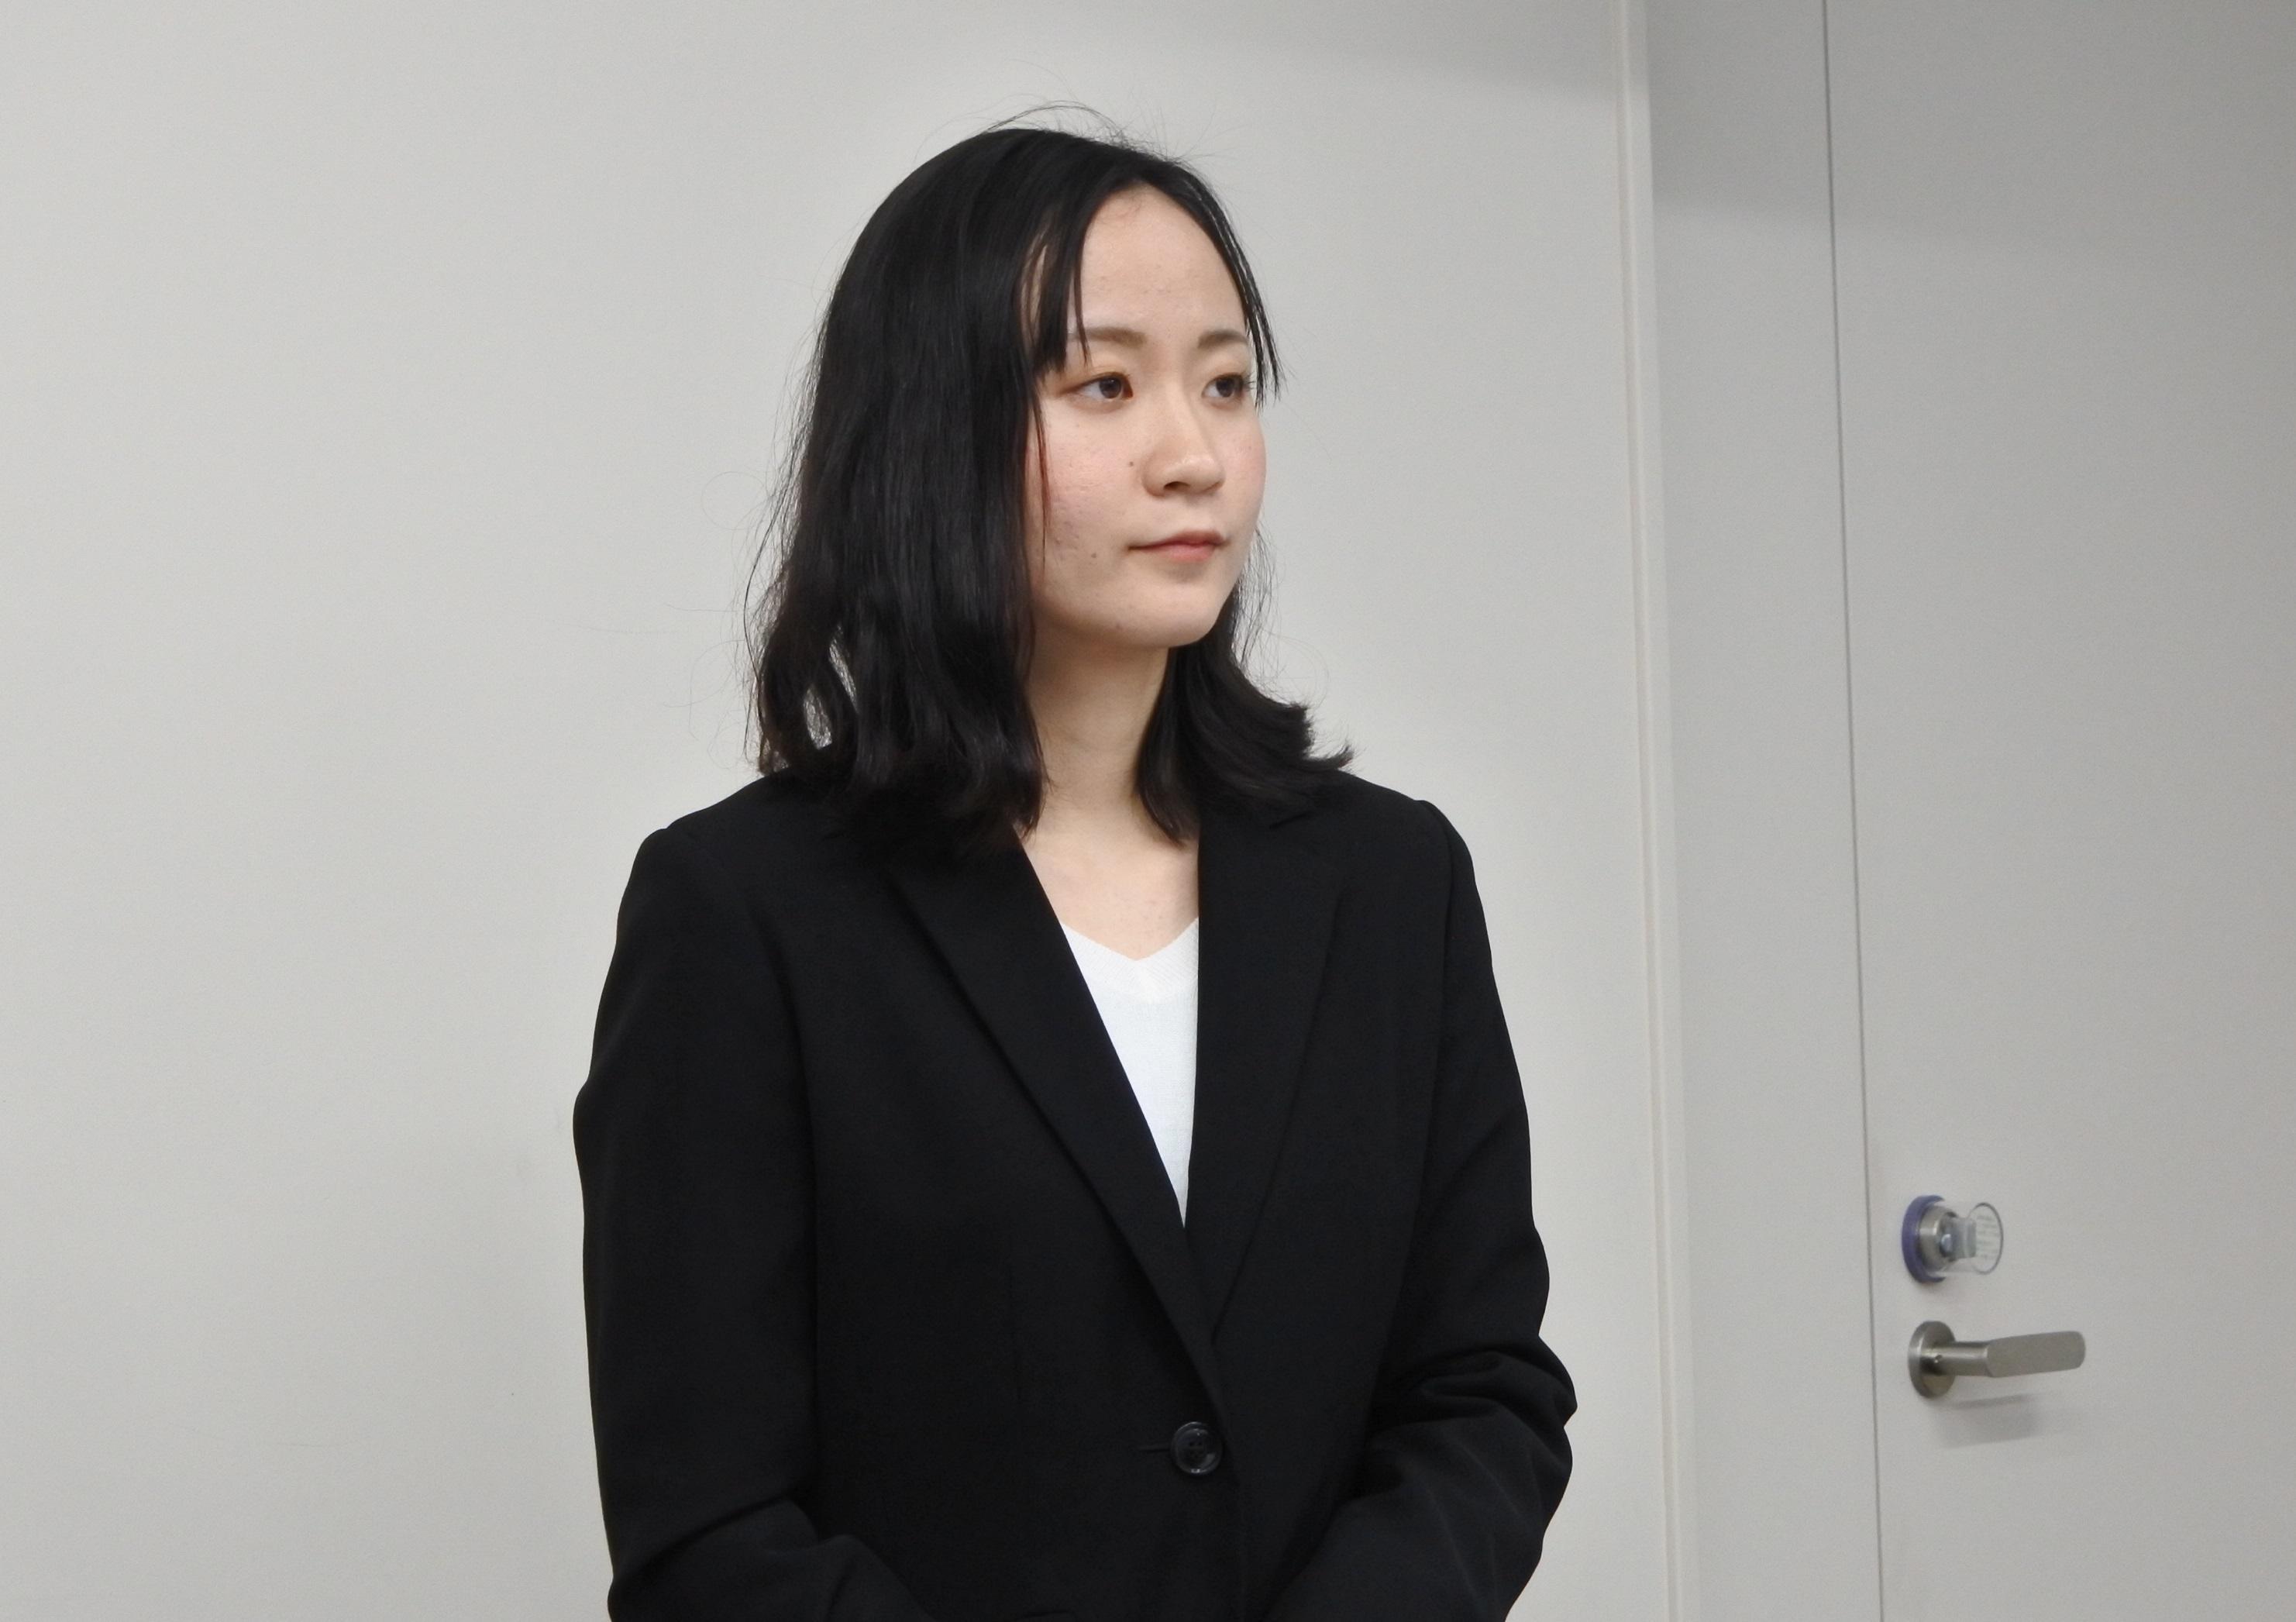 質問を聞く夏目彩佳さん